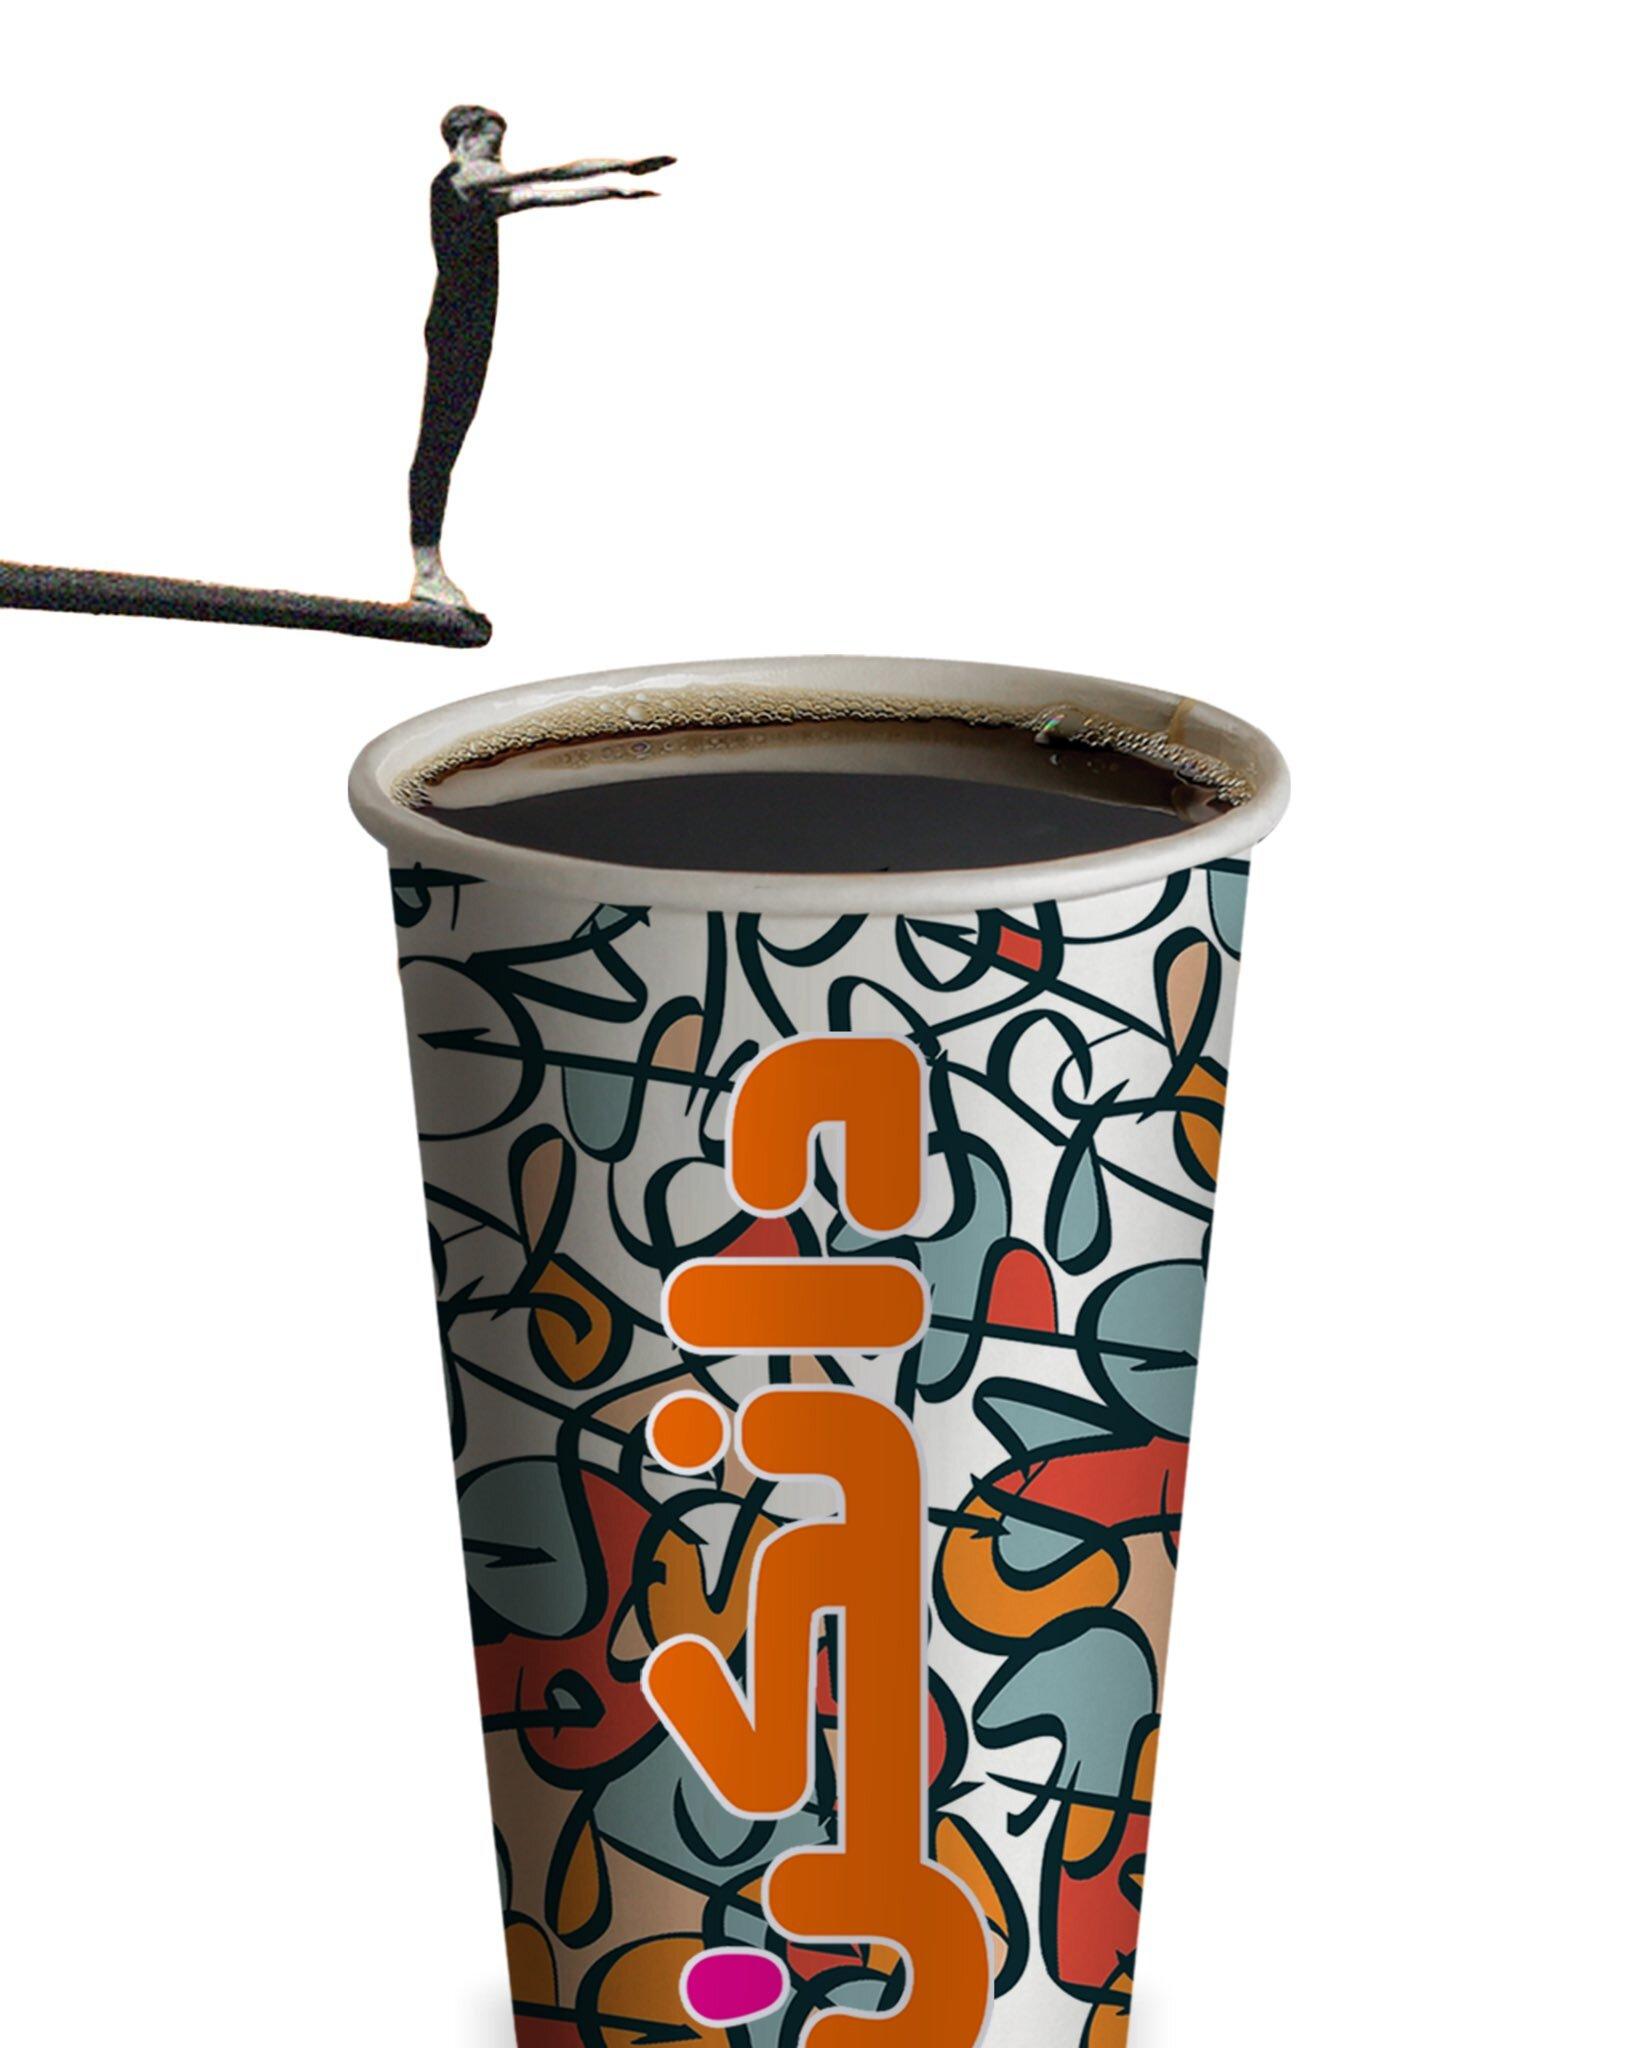 القهوة السوداء اليوم كل الاحجام بخمسه ريال .. و غرّق الغرقان اكثر